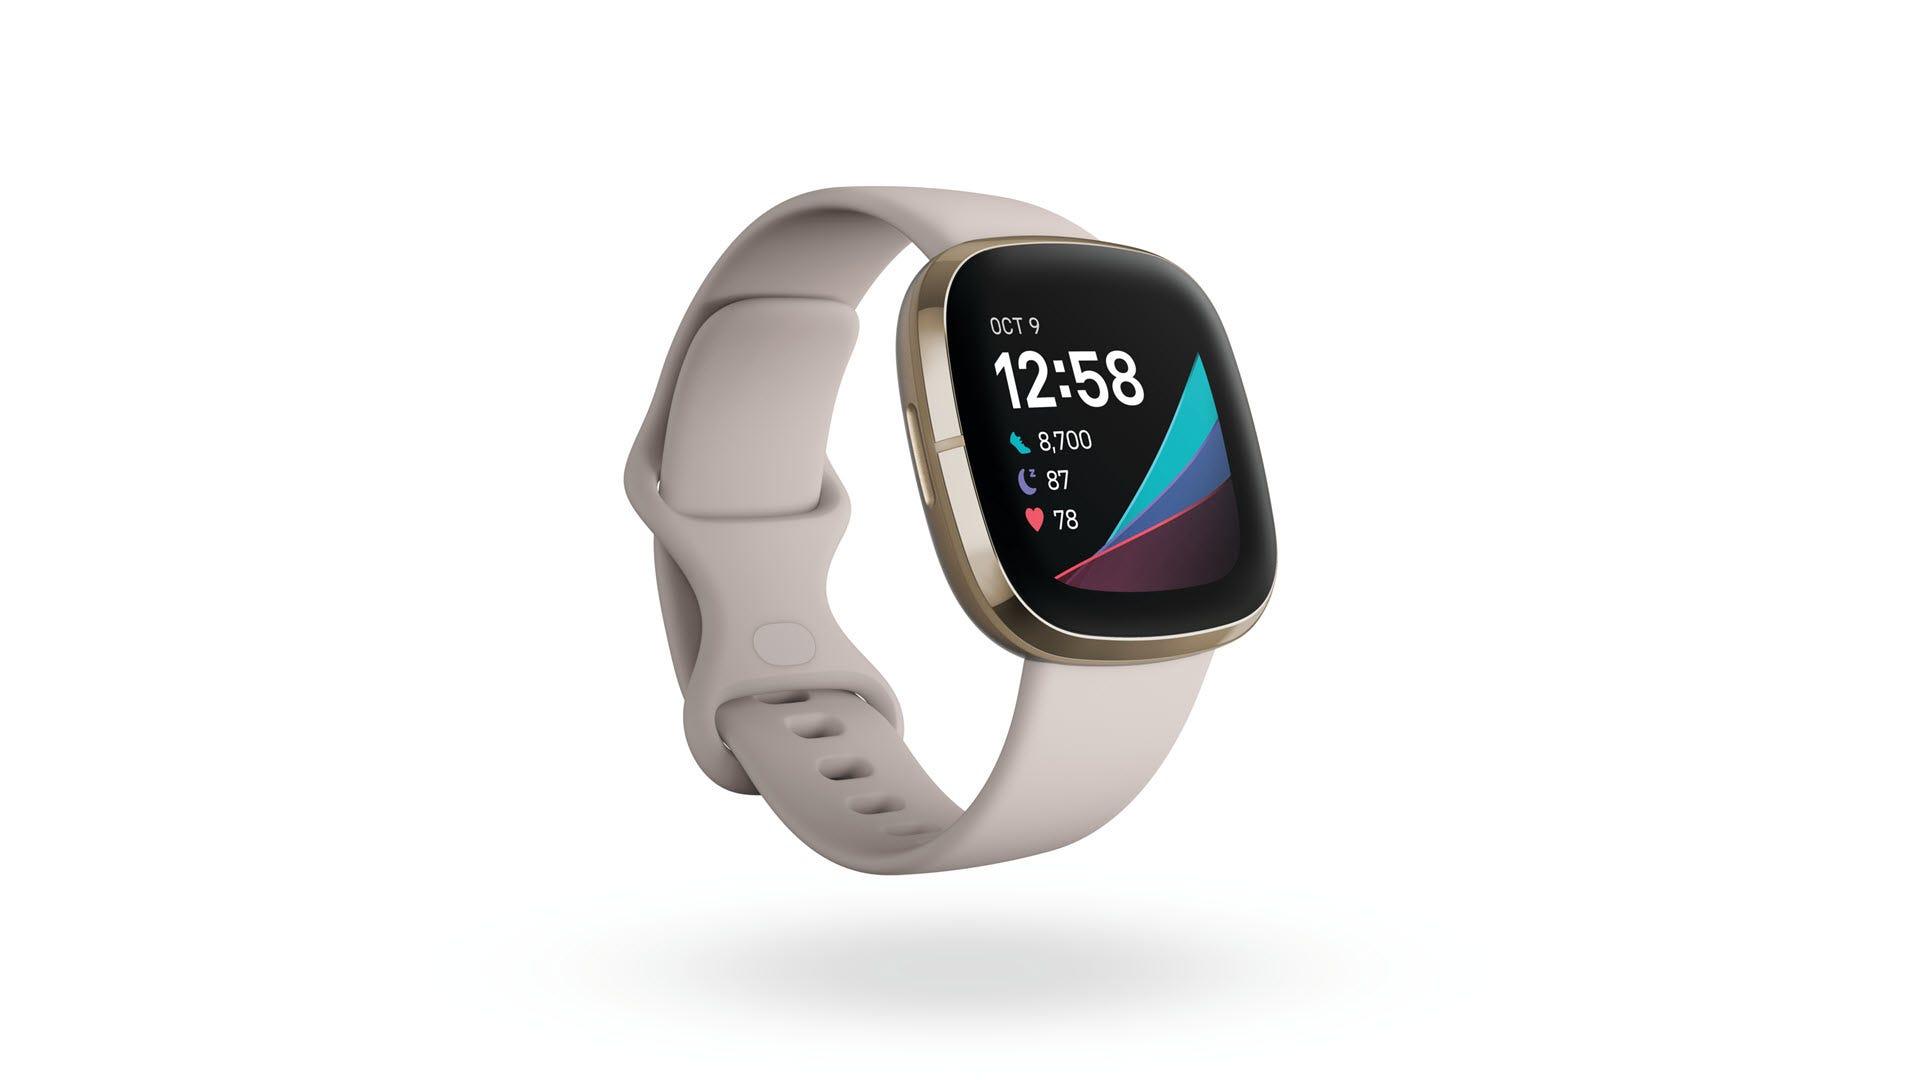 A closeup of the Fitbit Sense smartwacth in lunar white.